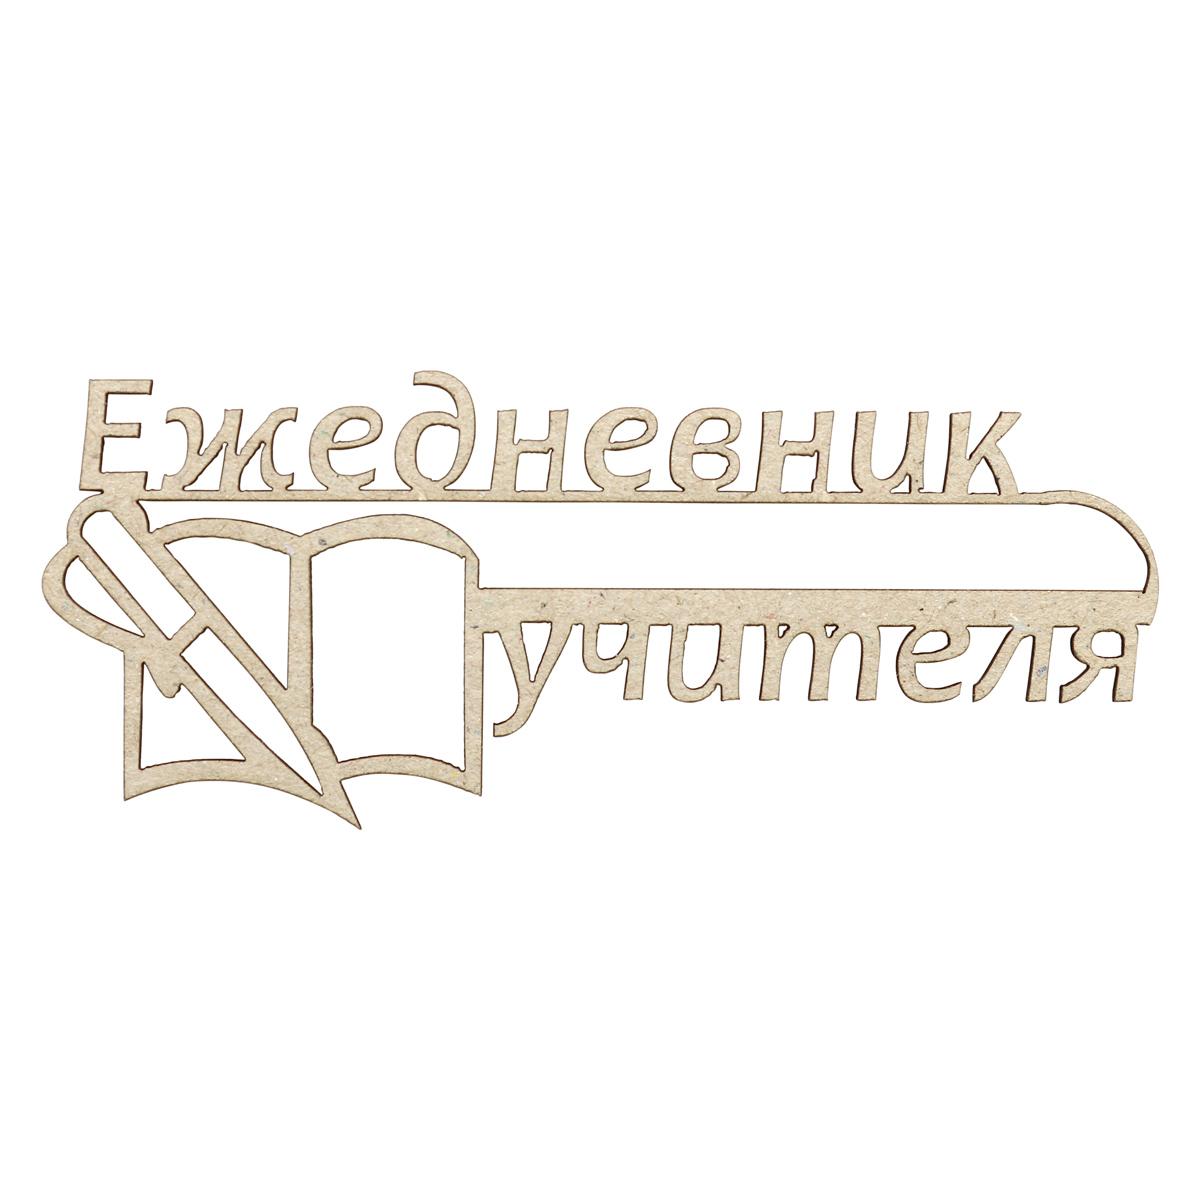 ВК-92 Декоративный элемент 'Ежедневник учителя'8,4*3,5см Астра